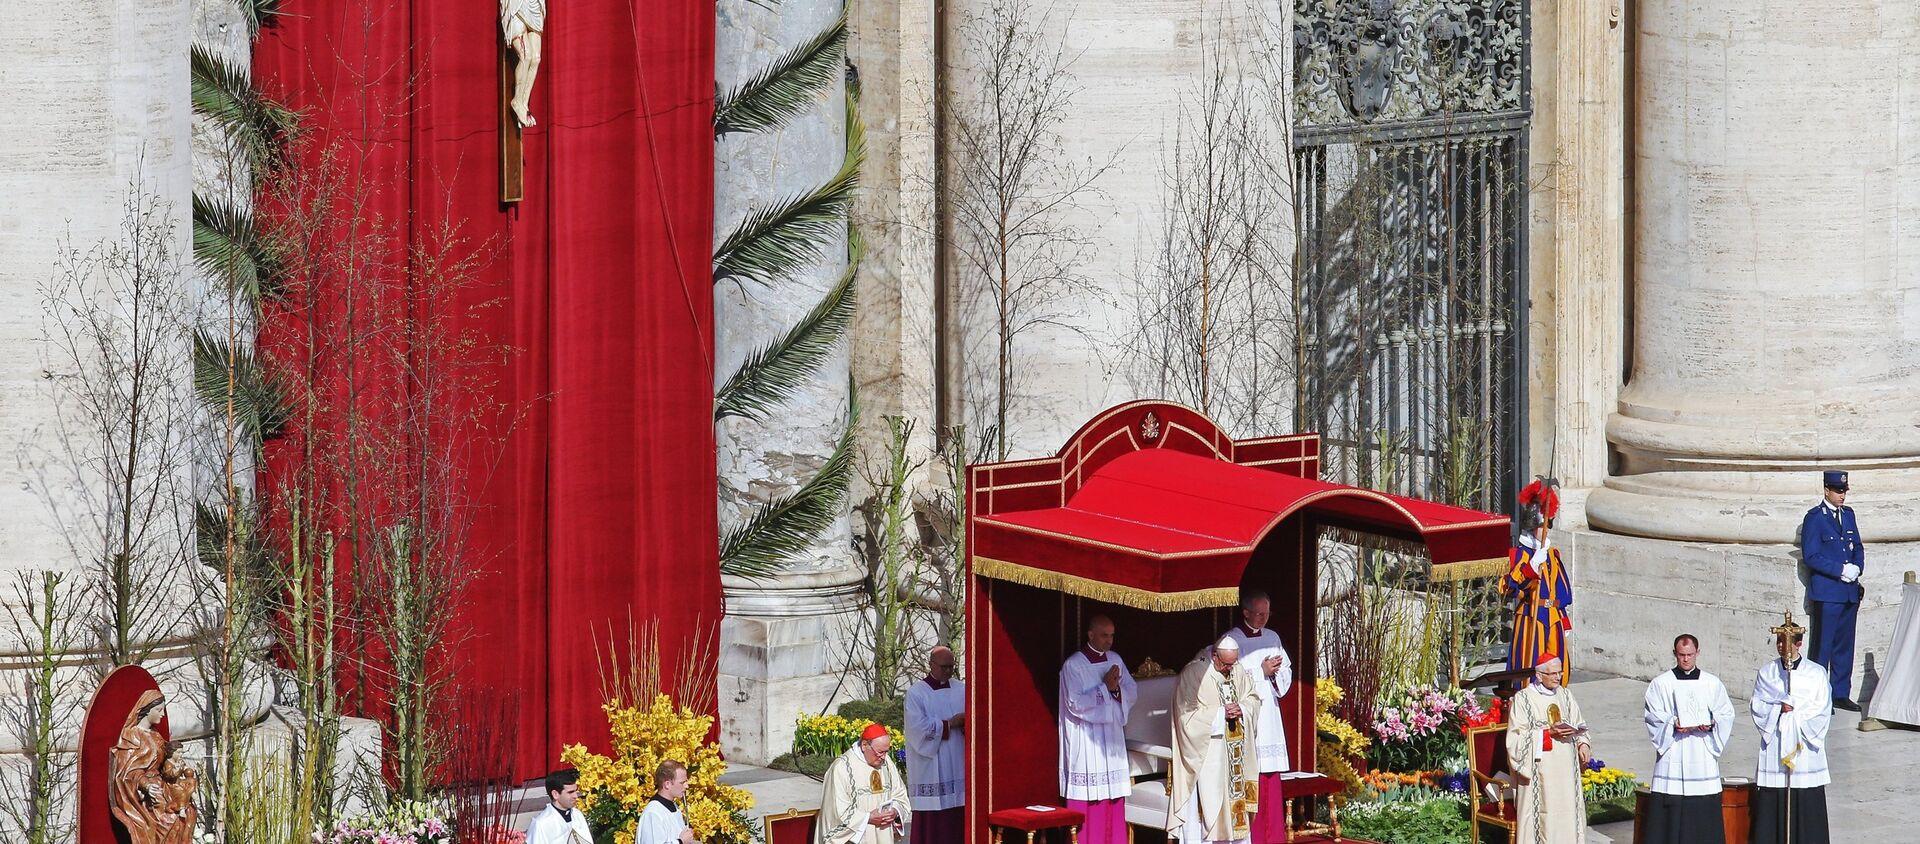 La messa di Pasqua in Vaticano - Sputnik Italia, 1920, 22.12.2020